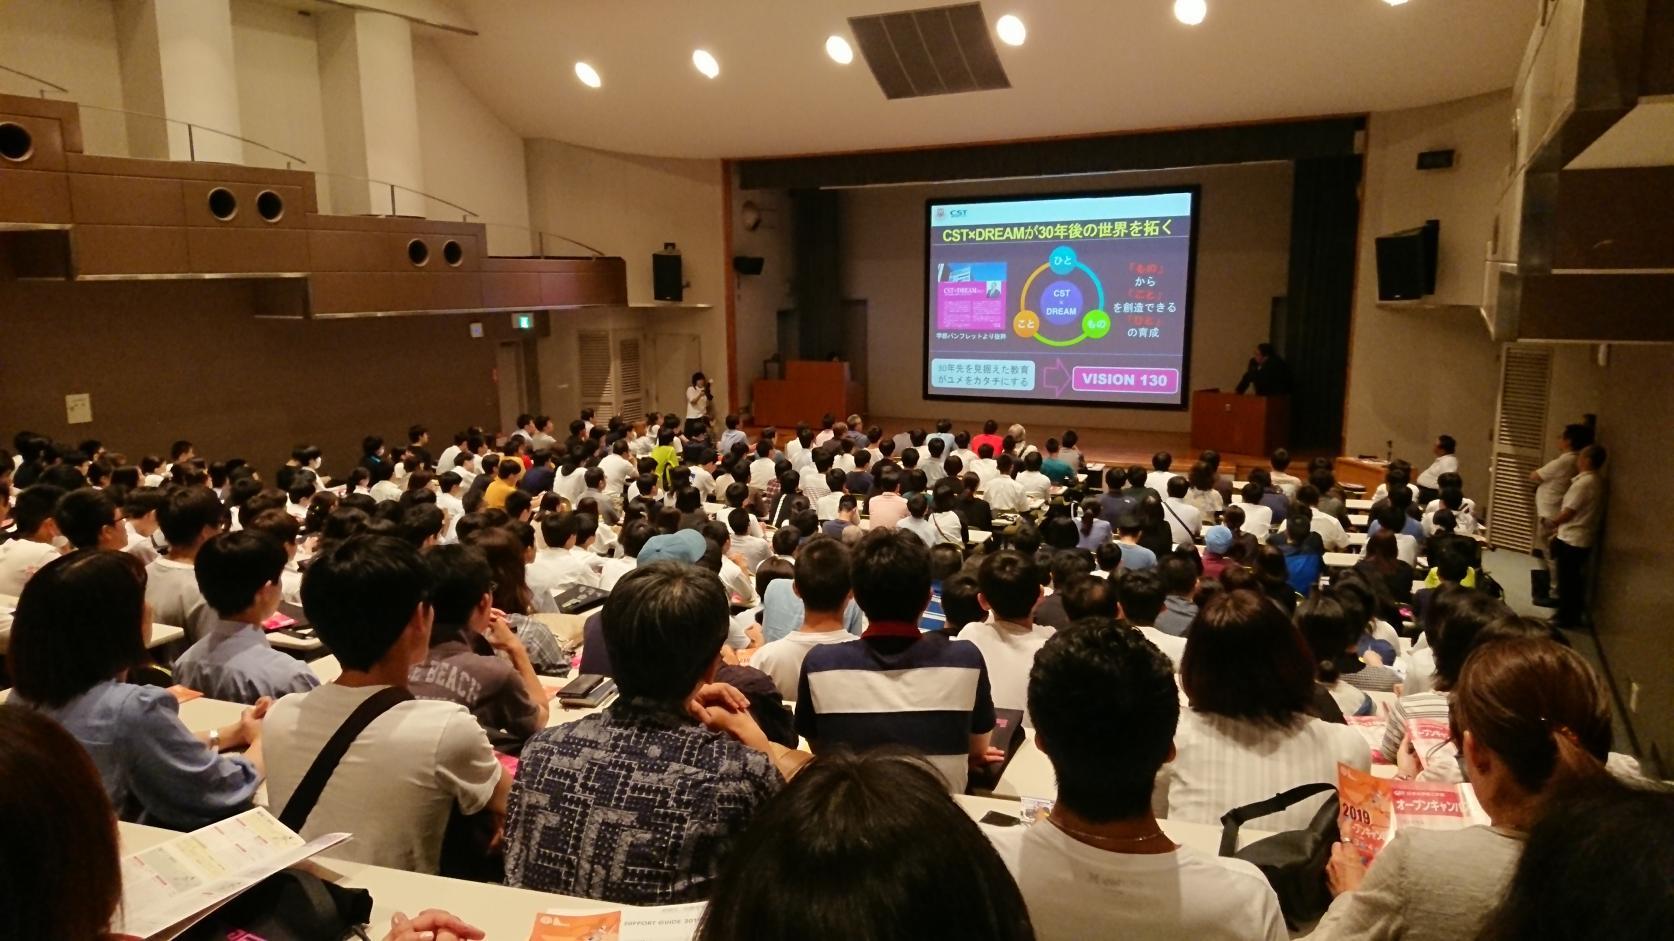 【開催報告:オープンキャンパス(船橋キャンパス開催)】大変な暑さの中ご来場いただきました皆さま、誠にありがとうございました。